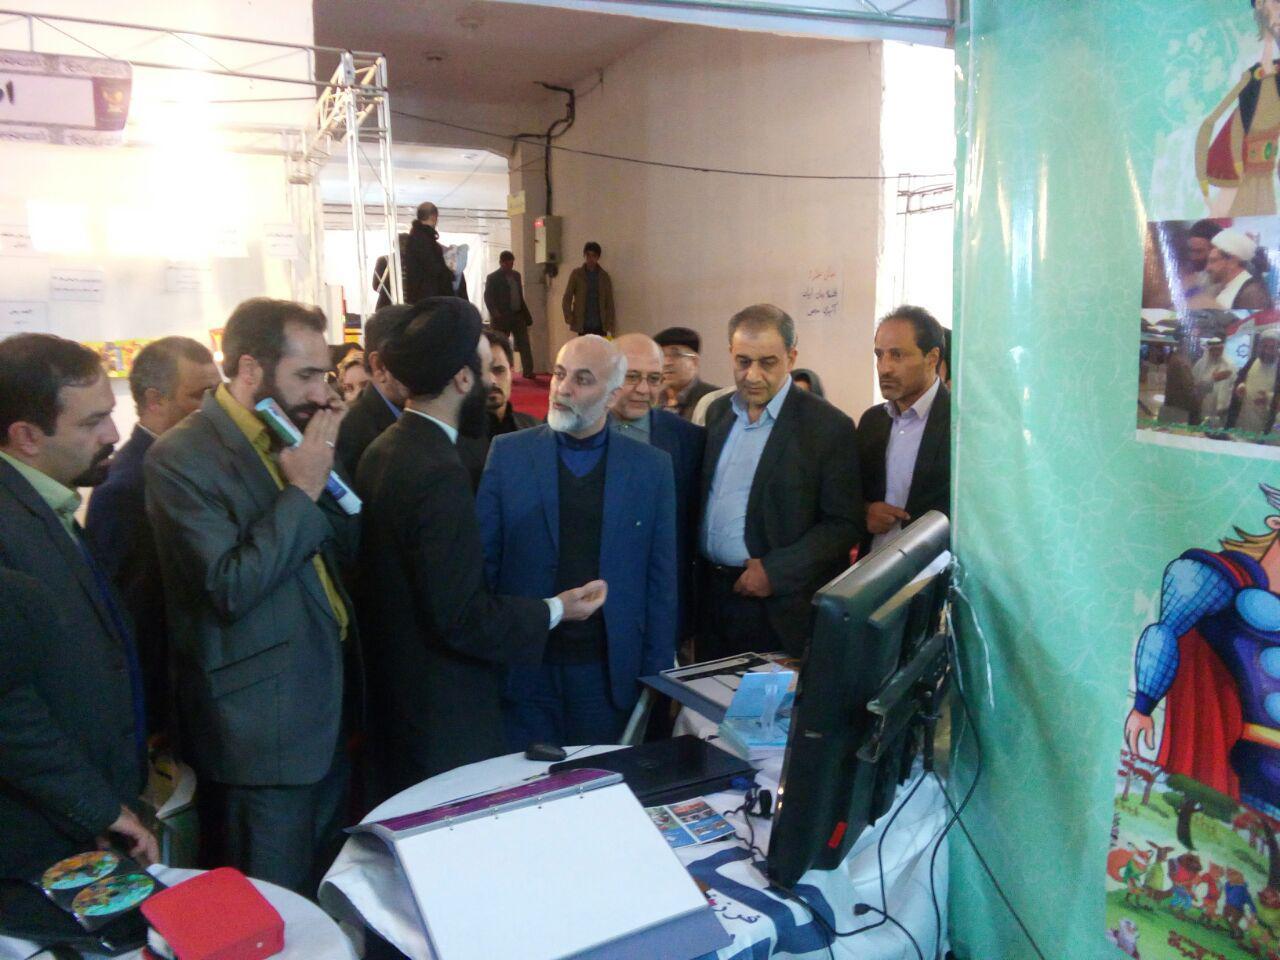 مراسم آغاز بیست و چهارمین هفته کتاب جمهوری اسلامی ایران